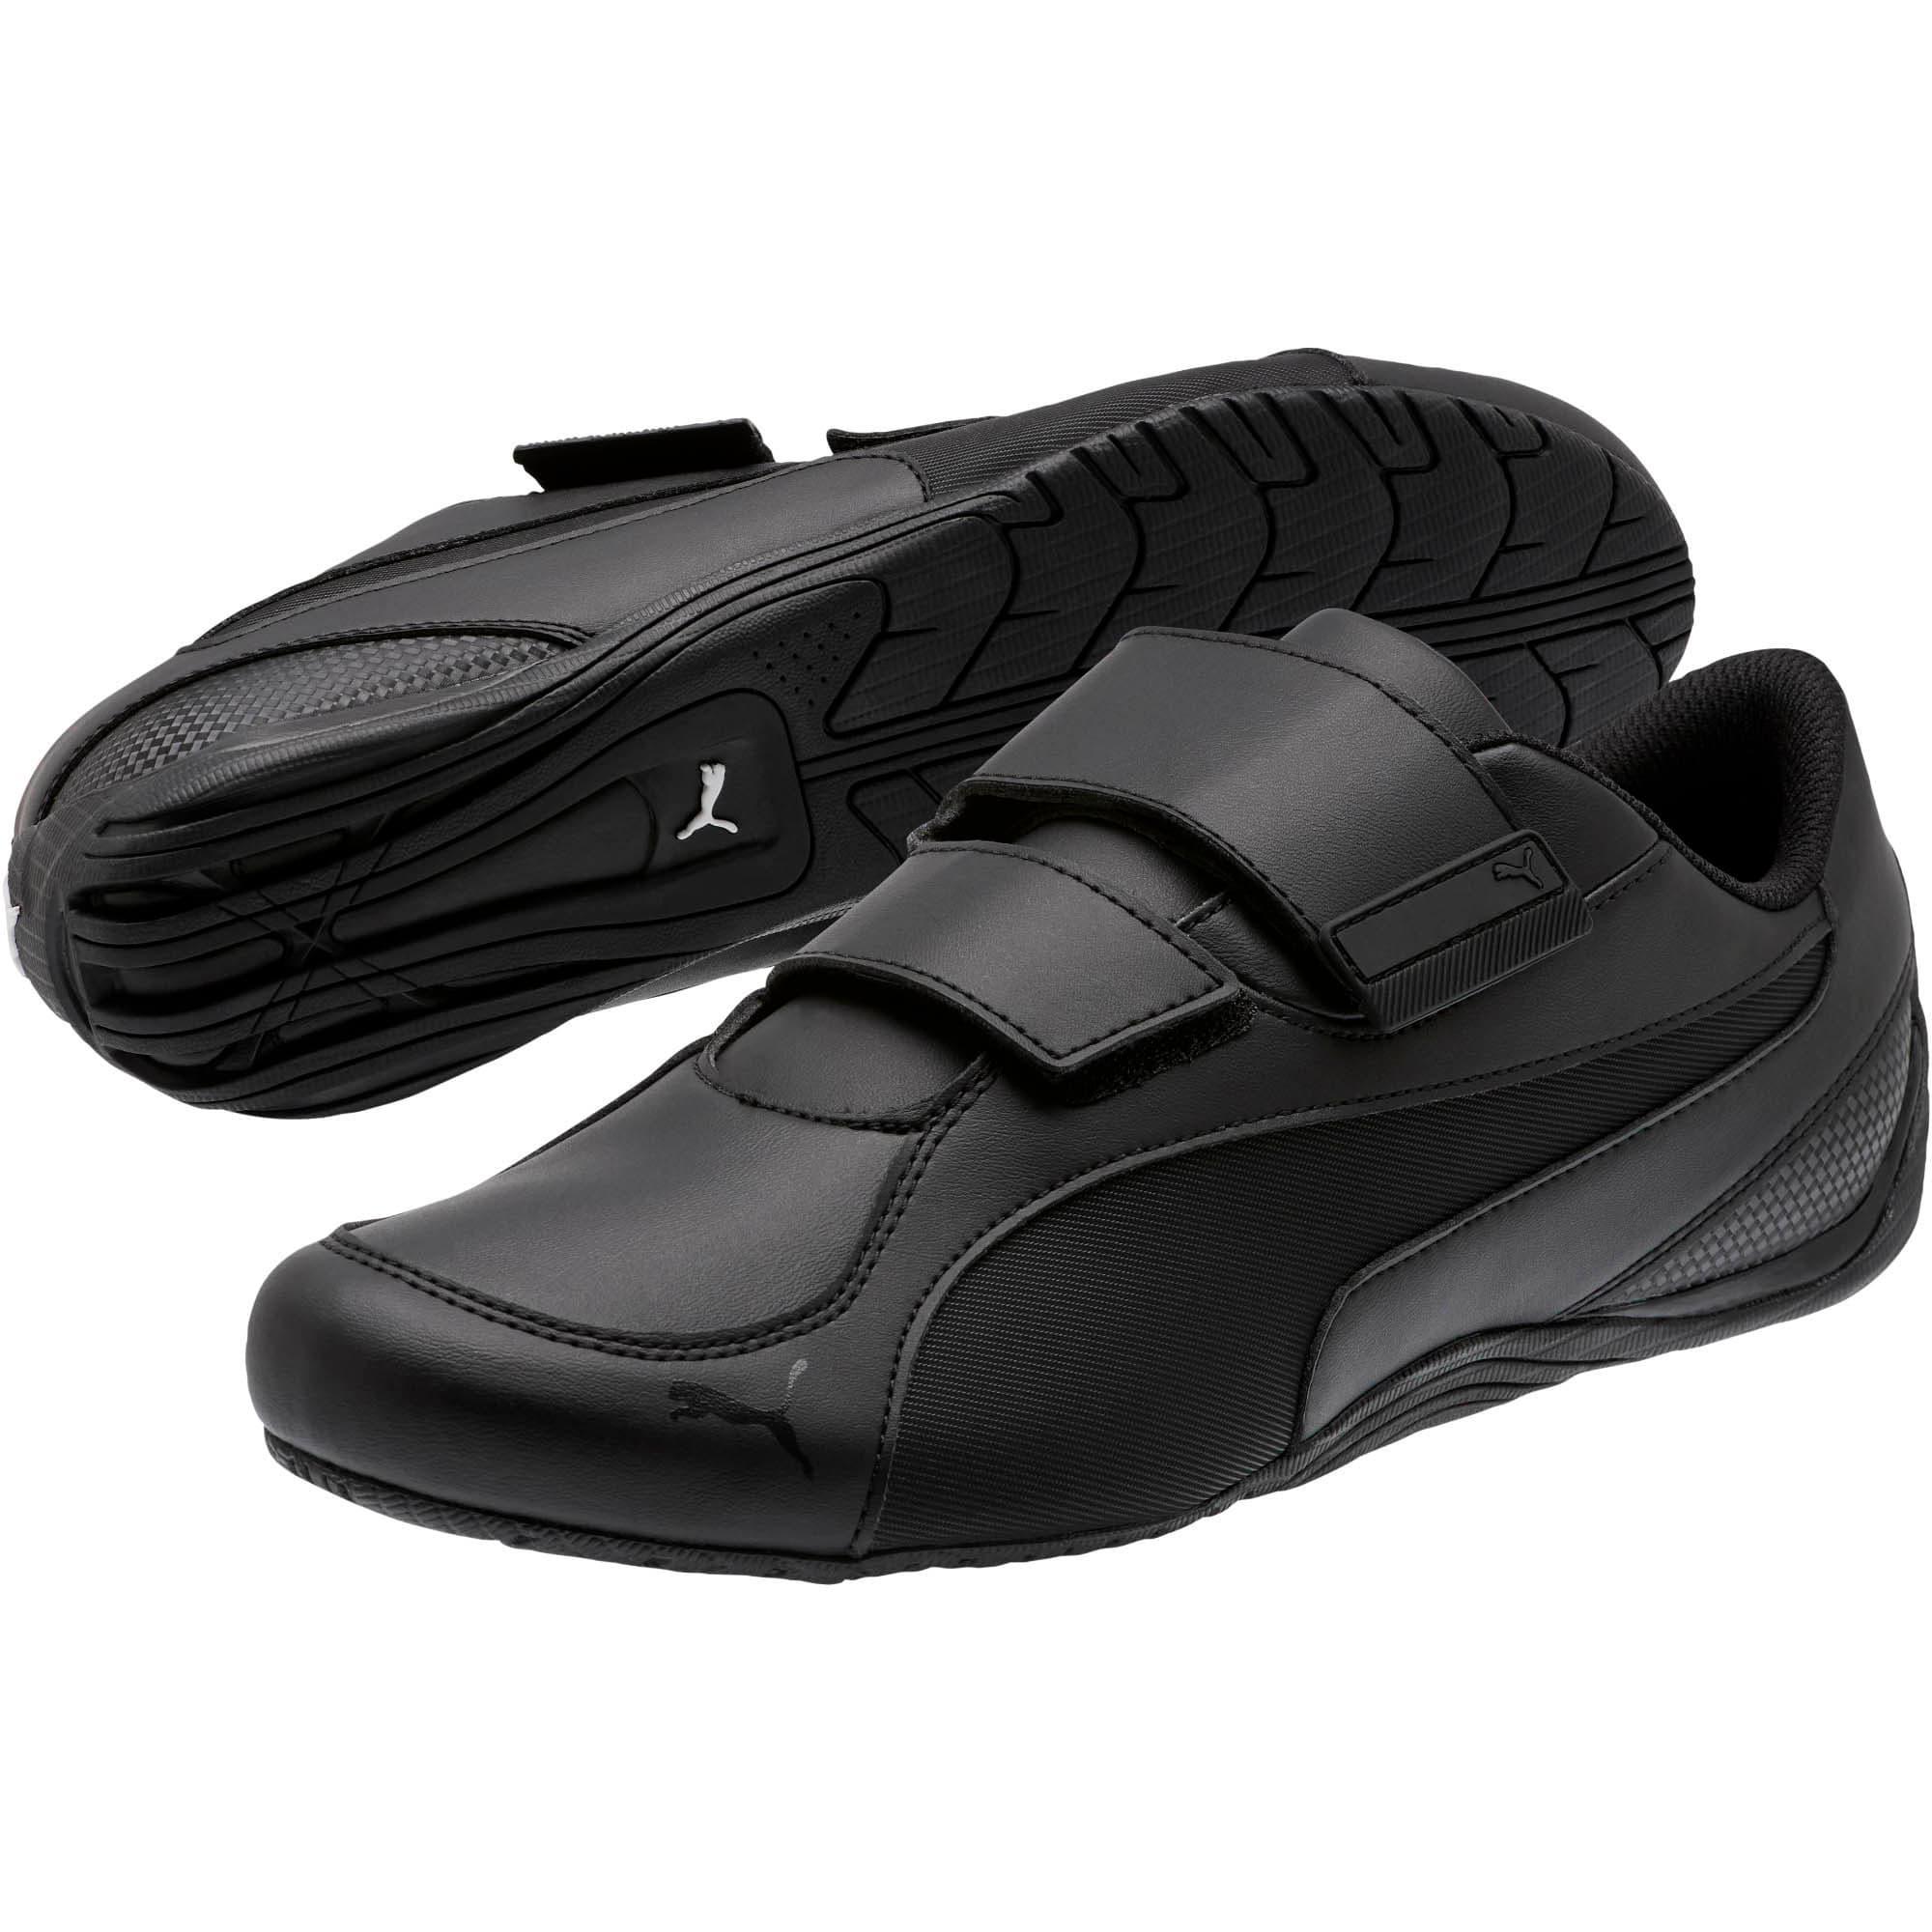 Miniatura 2 de ZapatosDrift Cat5AC para hombre, Puma Black-Puma Black, mediano